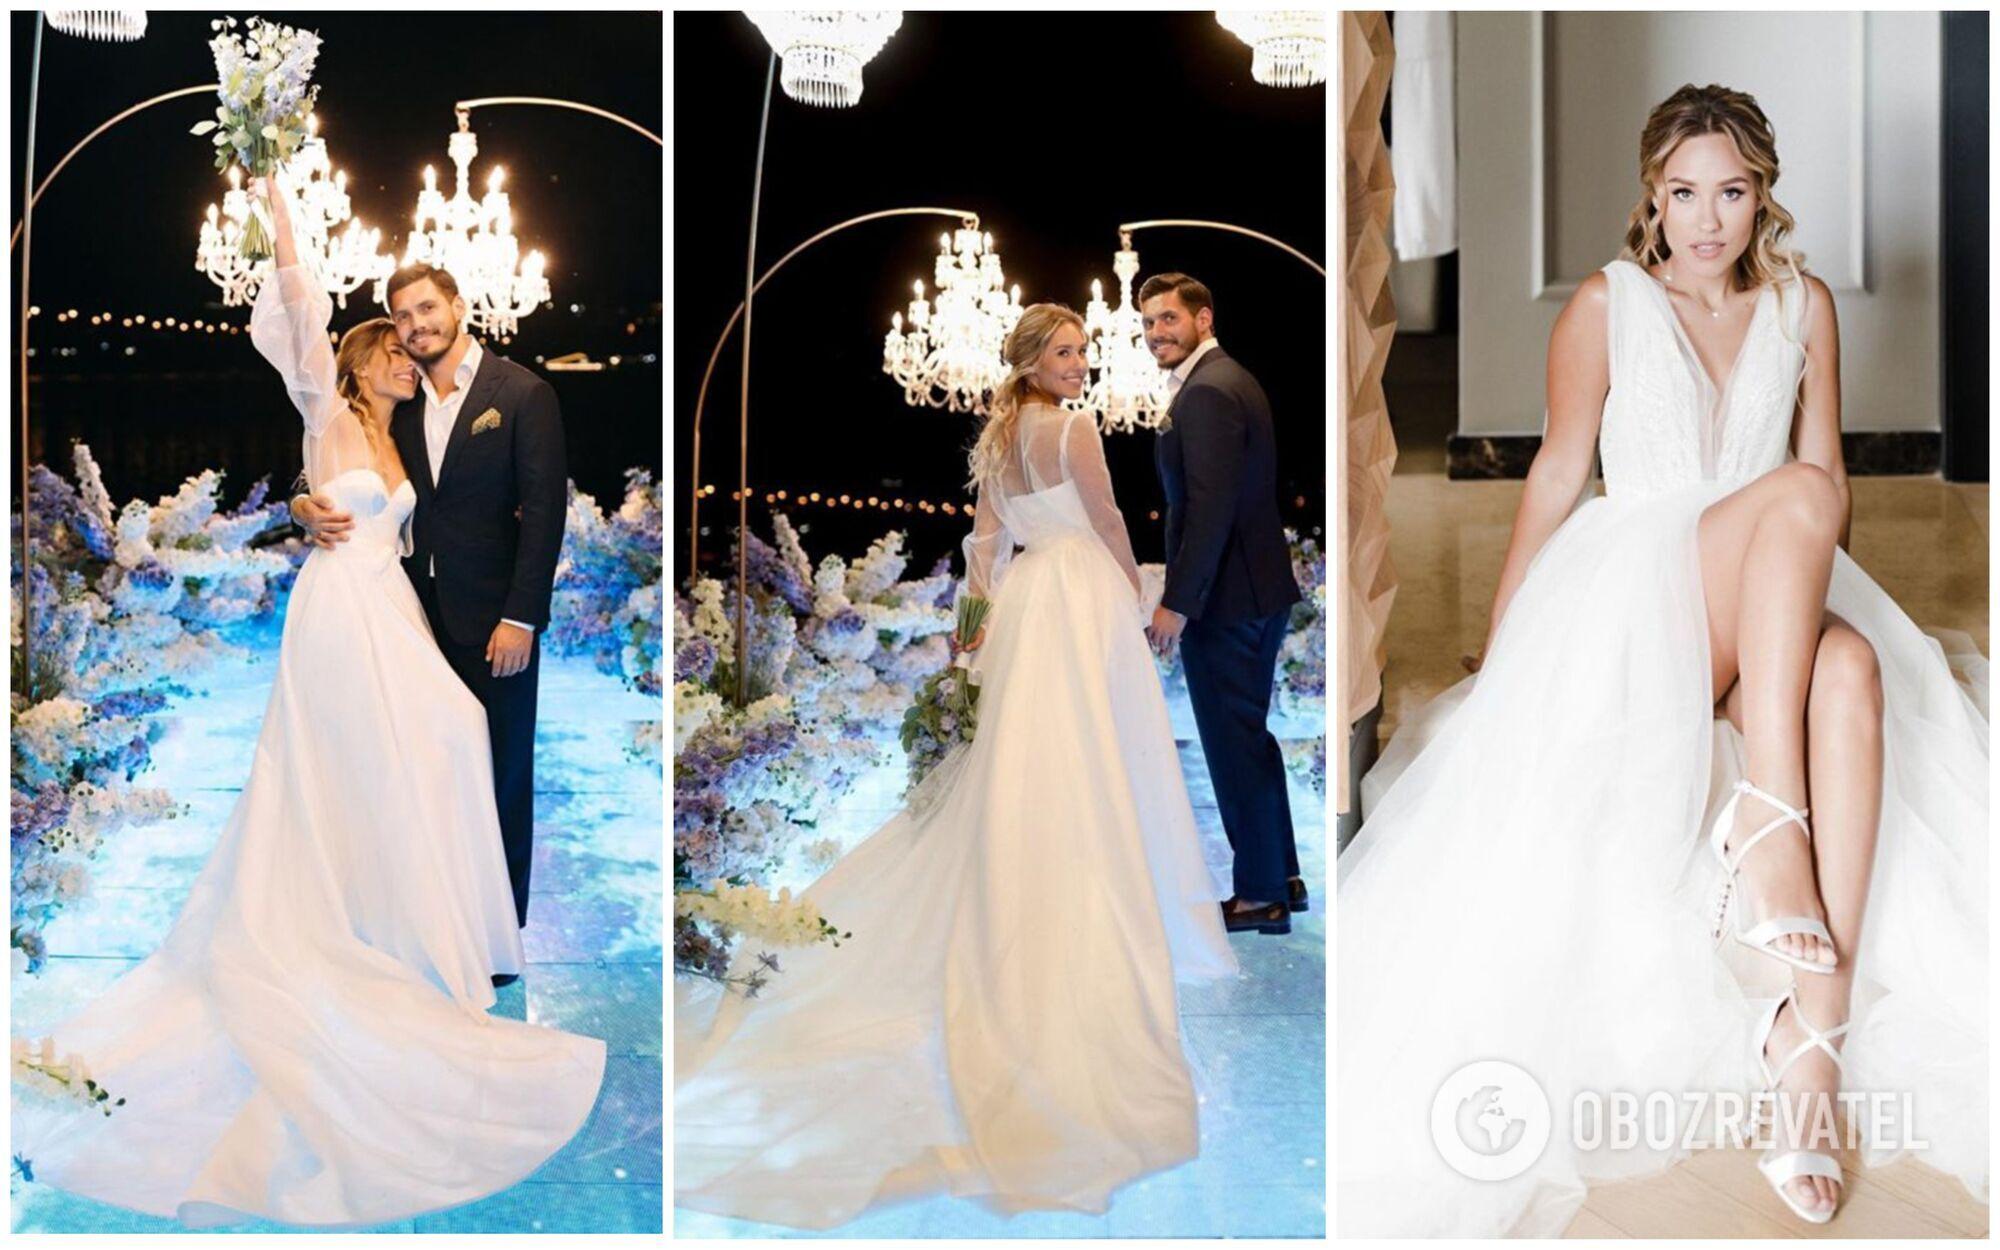 Даша Квиткова и Никита Добрынин сыграли свадьбу в августе 2020 года